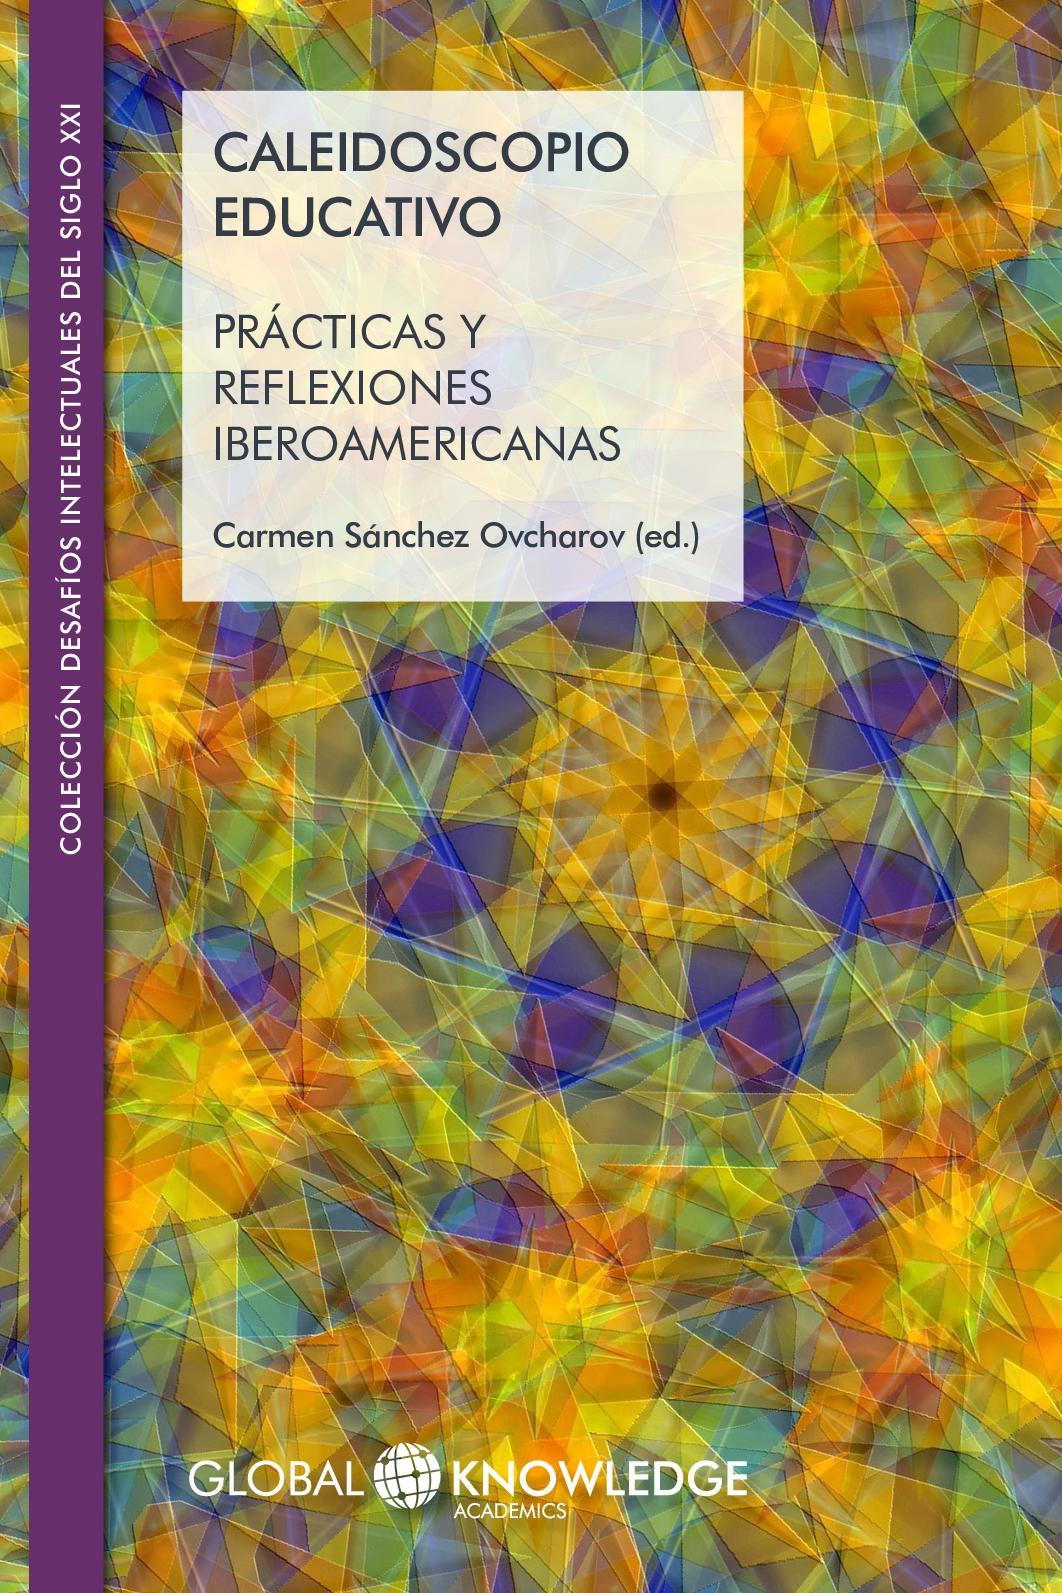 Calaméo Caleidoscopio Educativo Prácticas Y Reflexiones Iberoamericanas